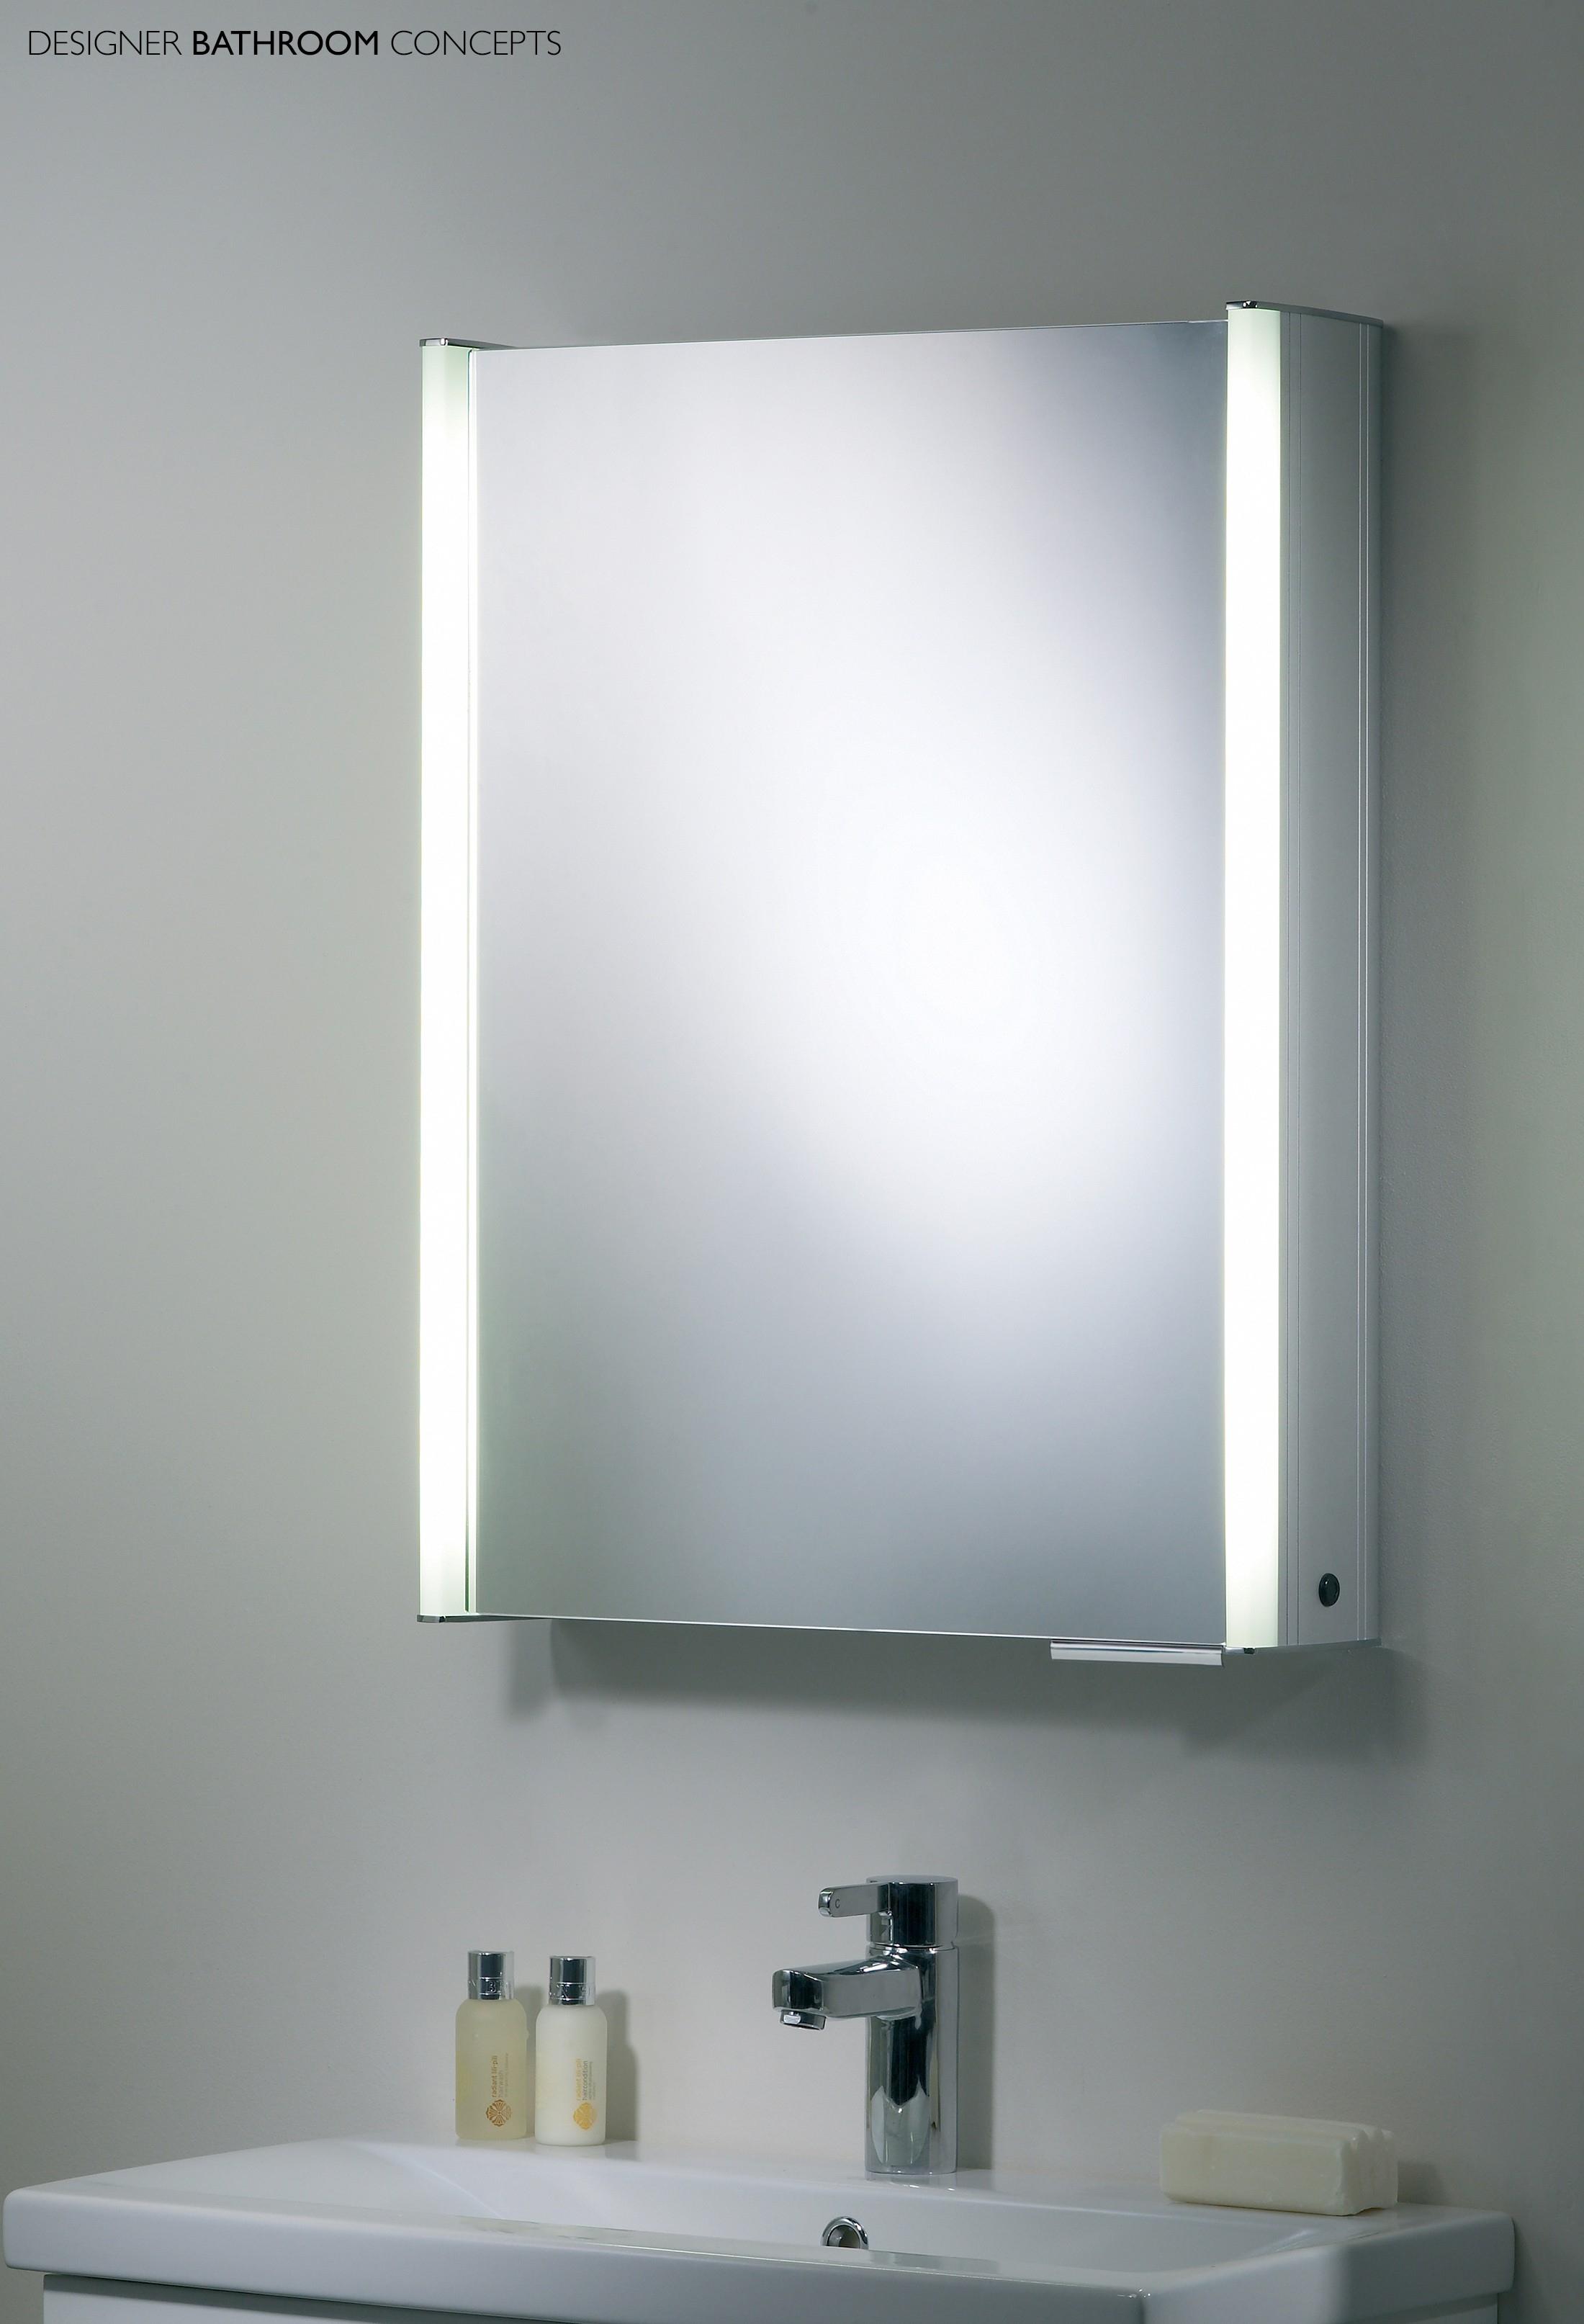 B And Q Led Bathroom Mirrors